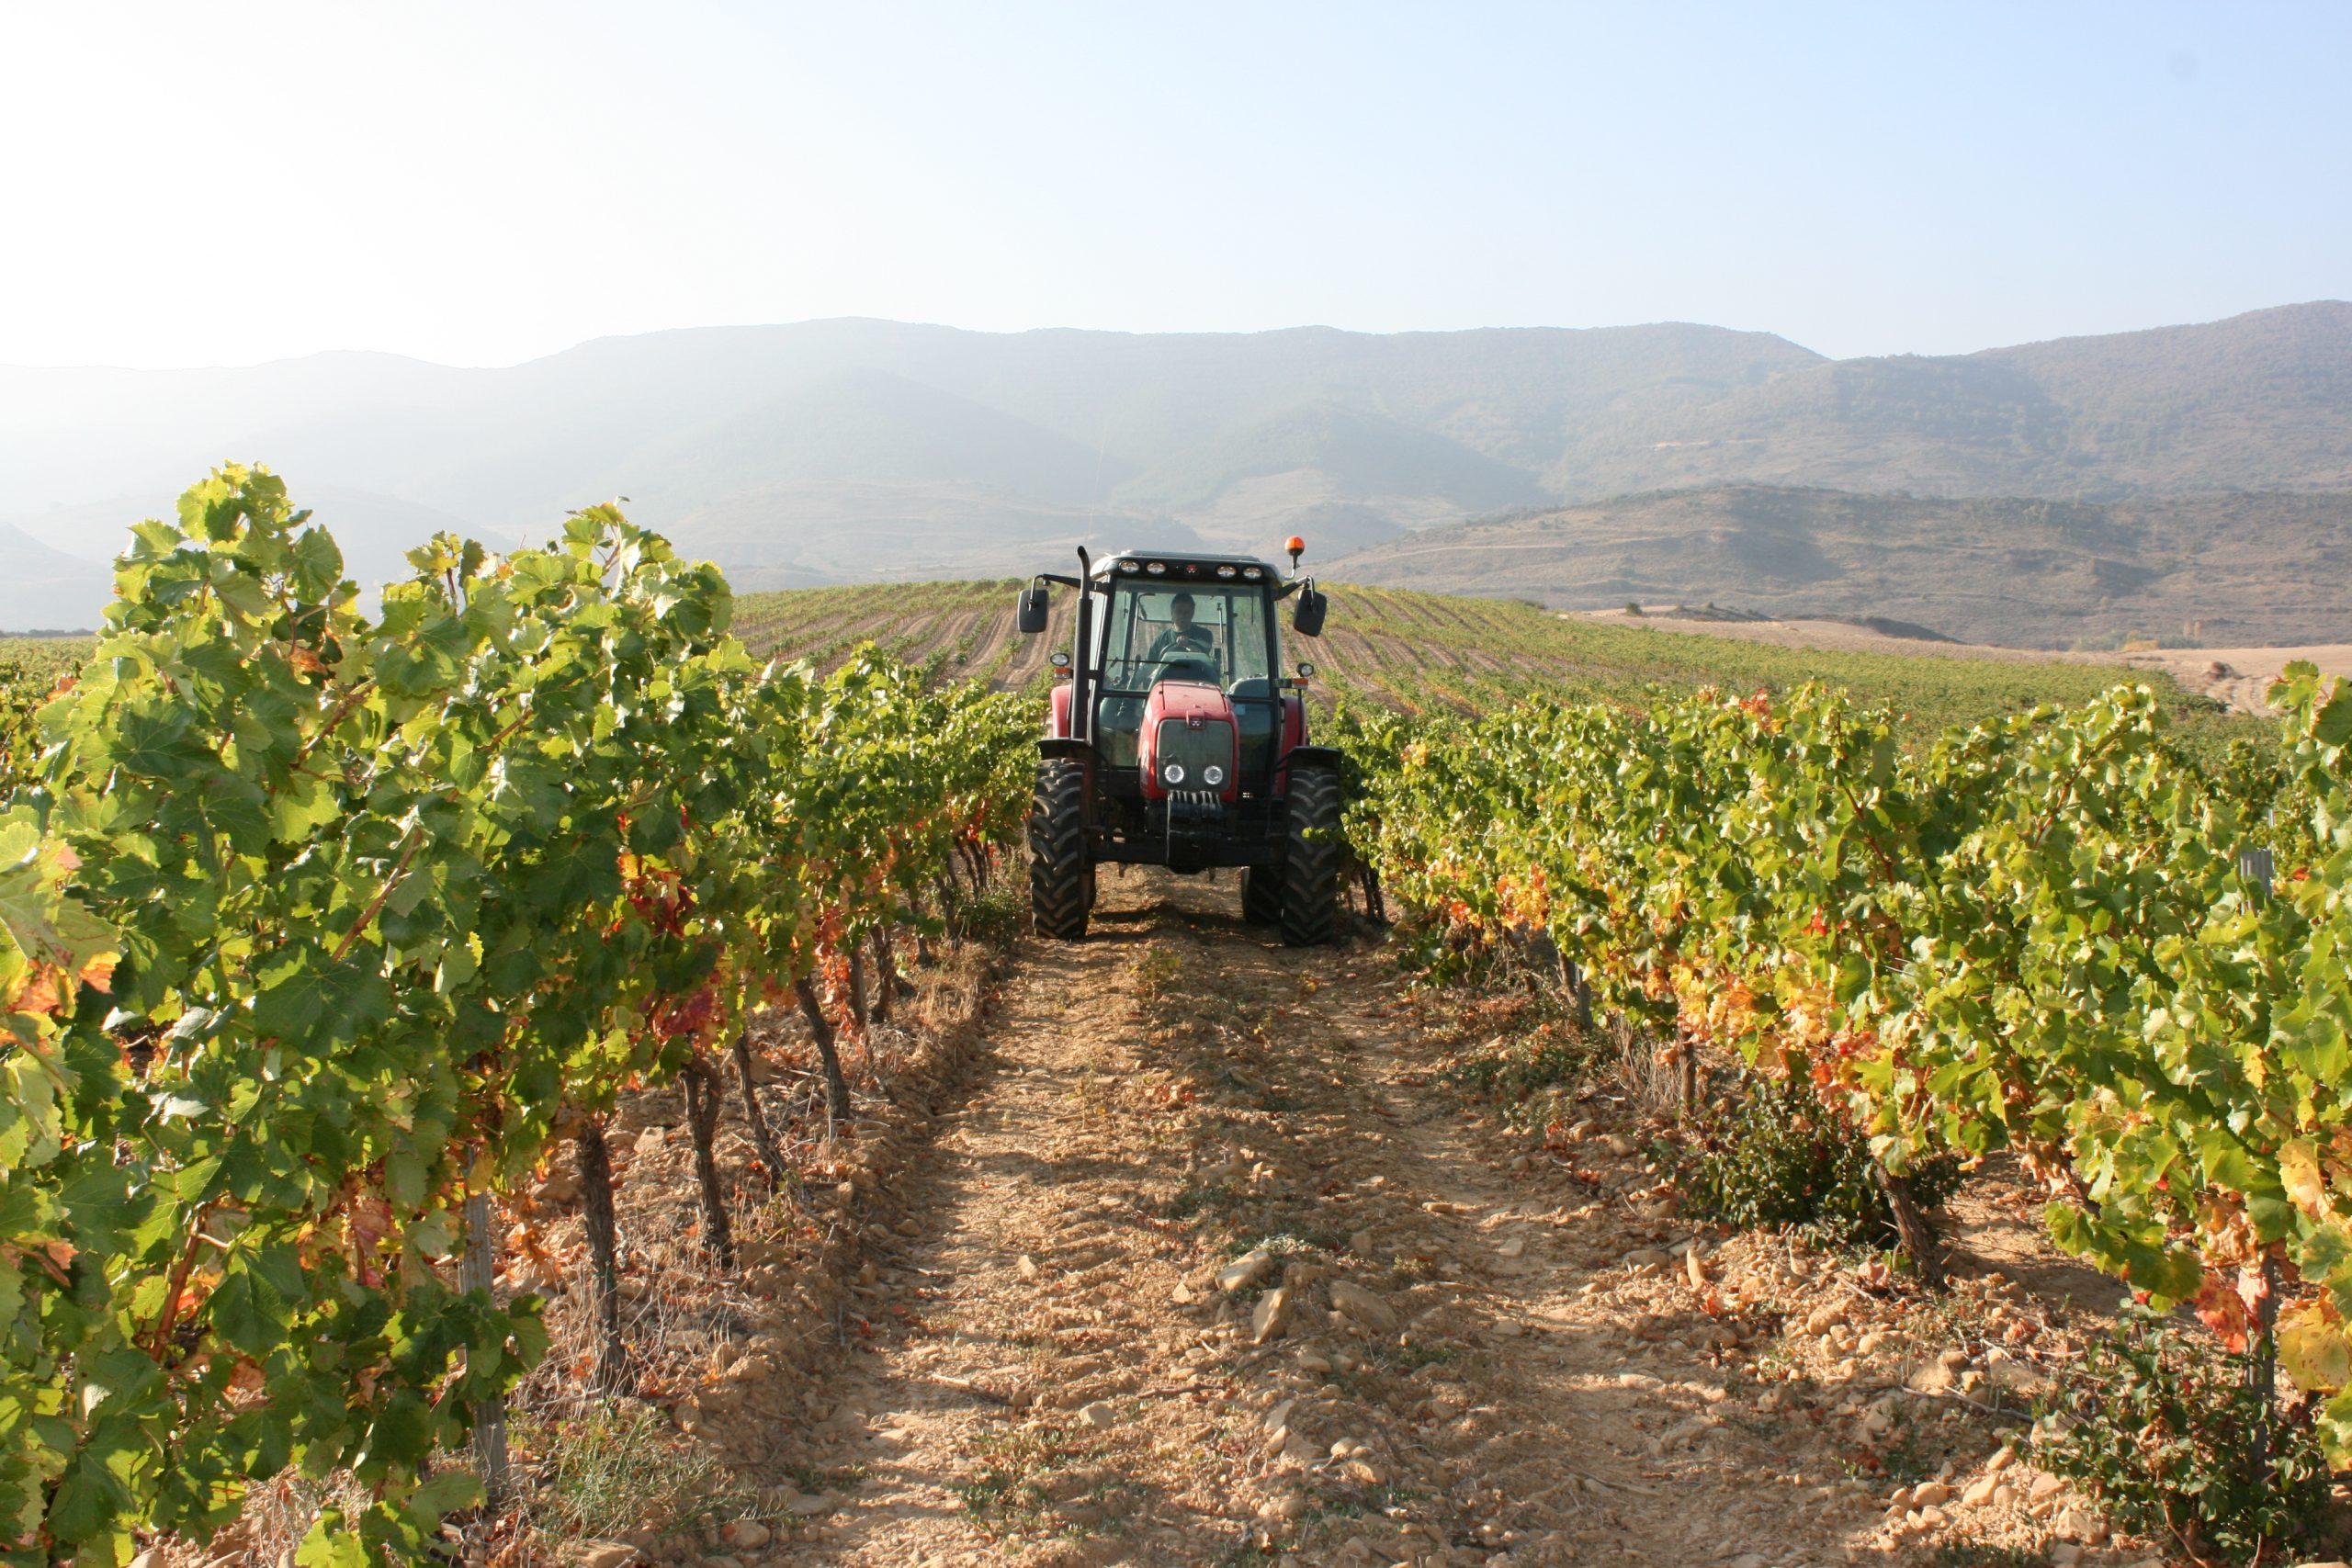 Real Decreto 557/2020, de 9 de junio, por el que se adoptan medidas extraordinarias en el sector del vino para hacer frente a la crisis causada por la pandemia de covid-19